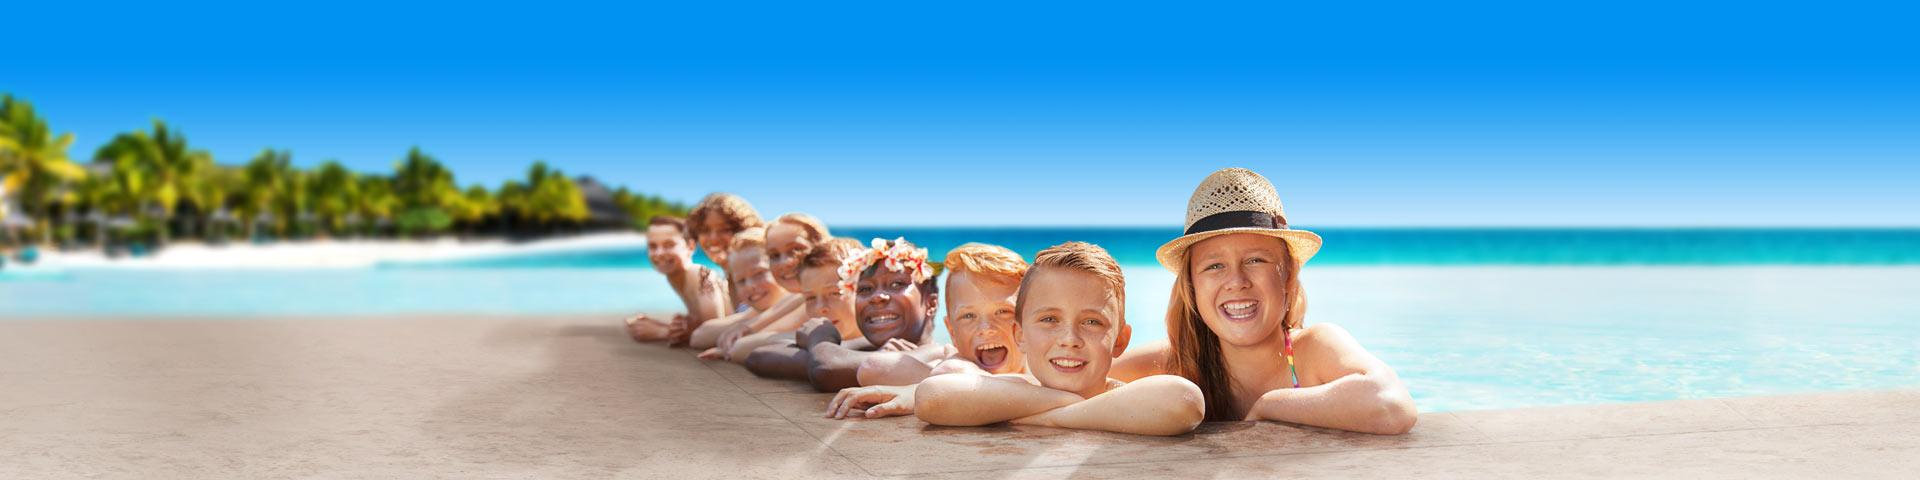 Kinderen aan de rand van het zwembad op vakantie